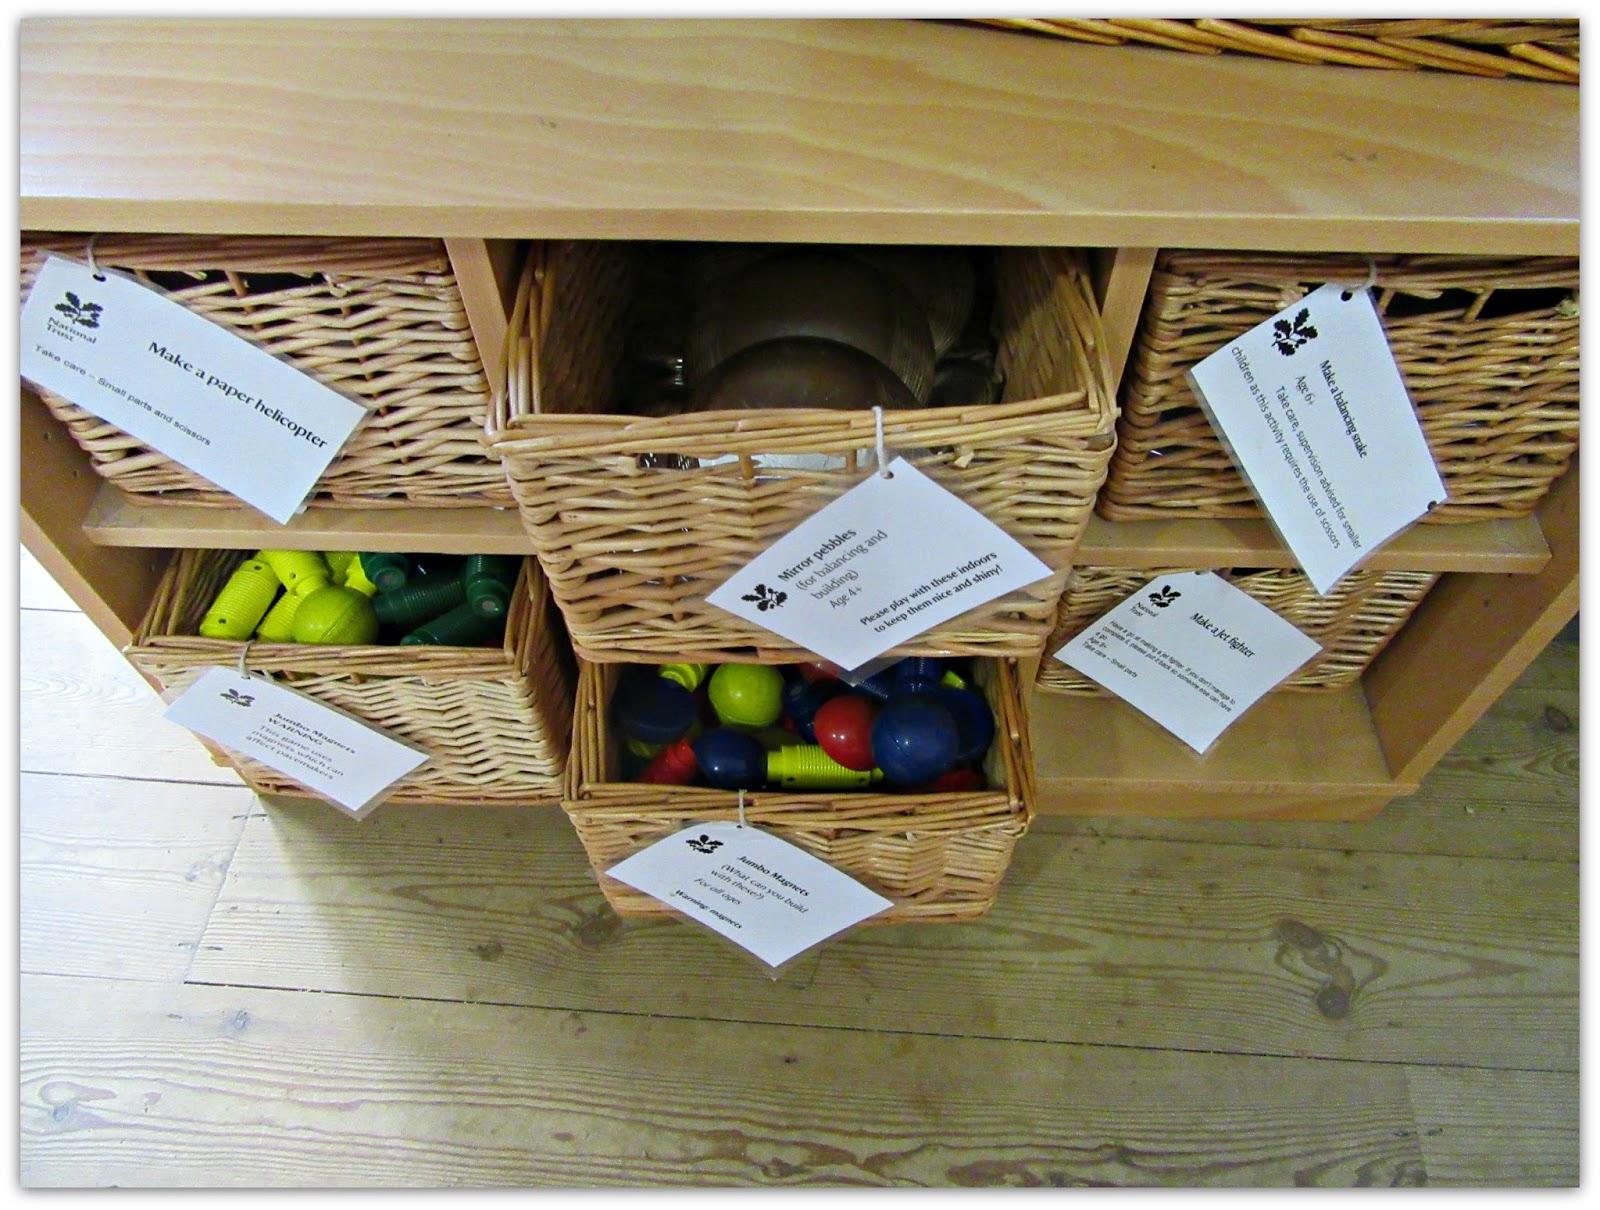 Elicottero Di Carta : Dietro le cose a casa di isaac newton